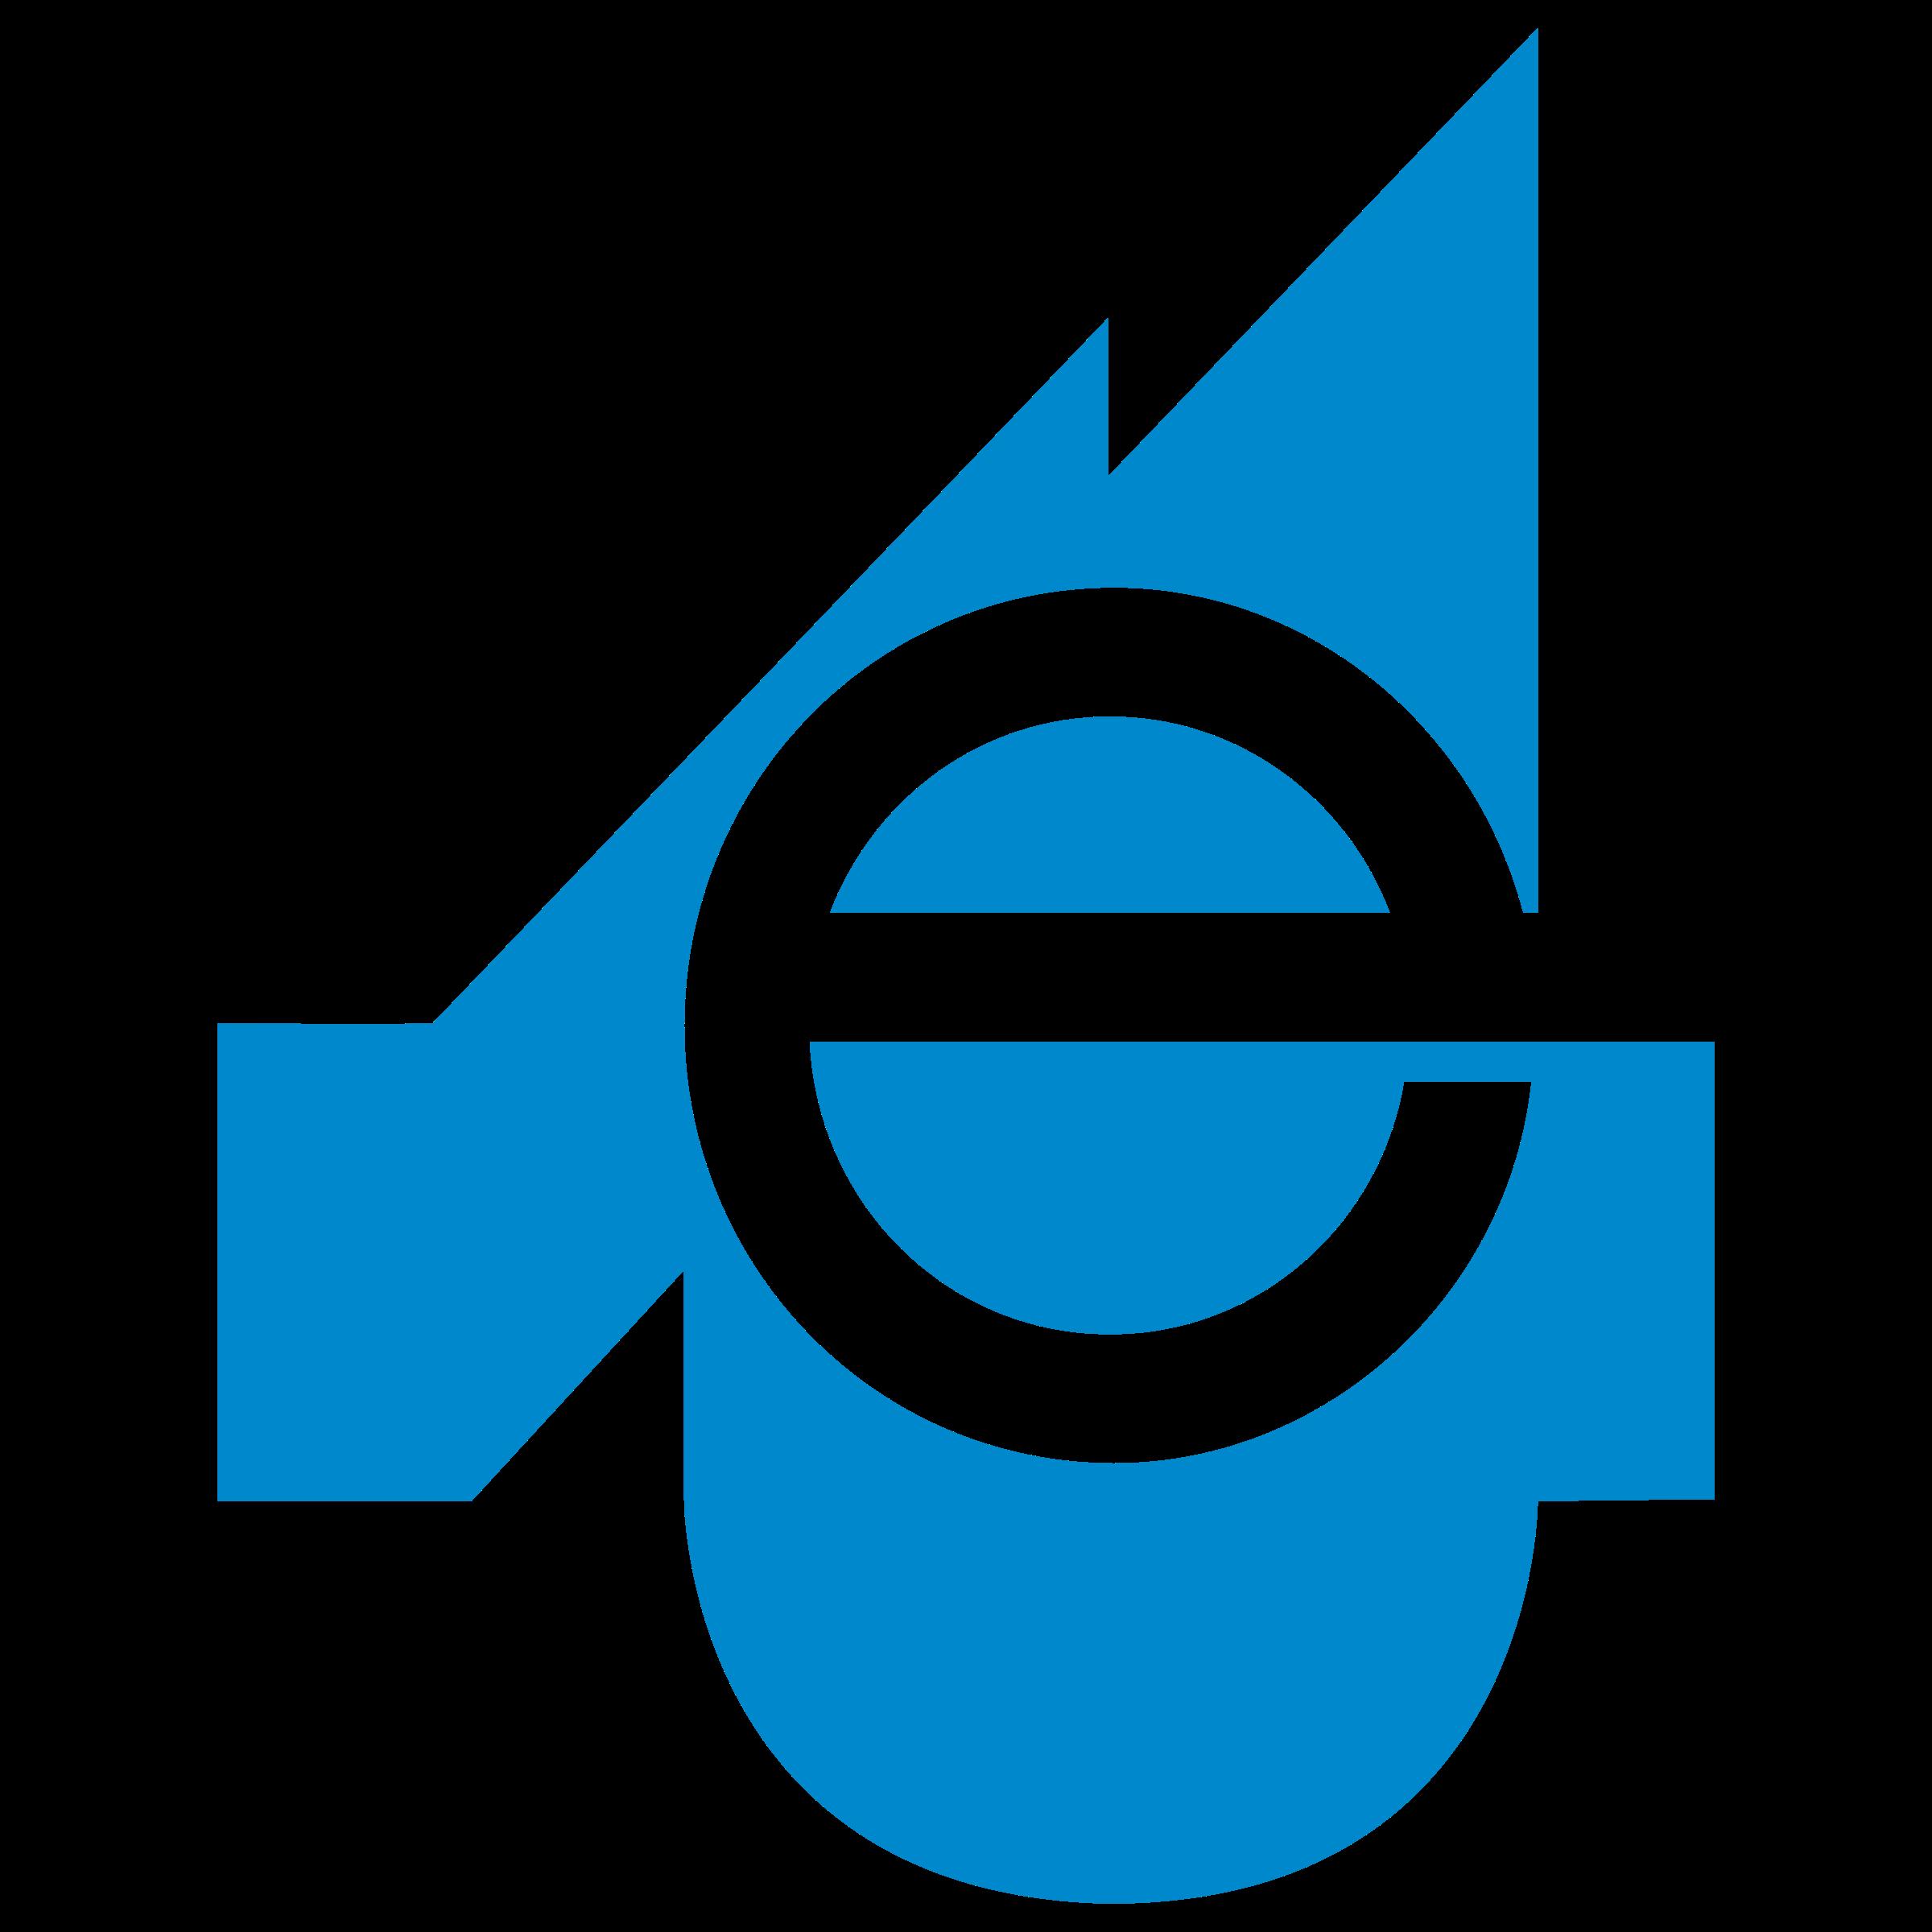 f7abda604fa Moldexpo Logo PNG Transparent   SVG Vector - Freebie Supply